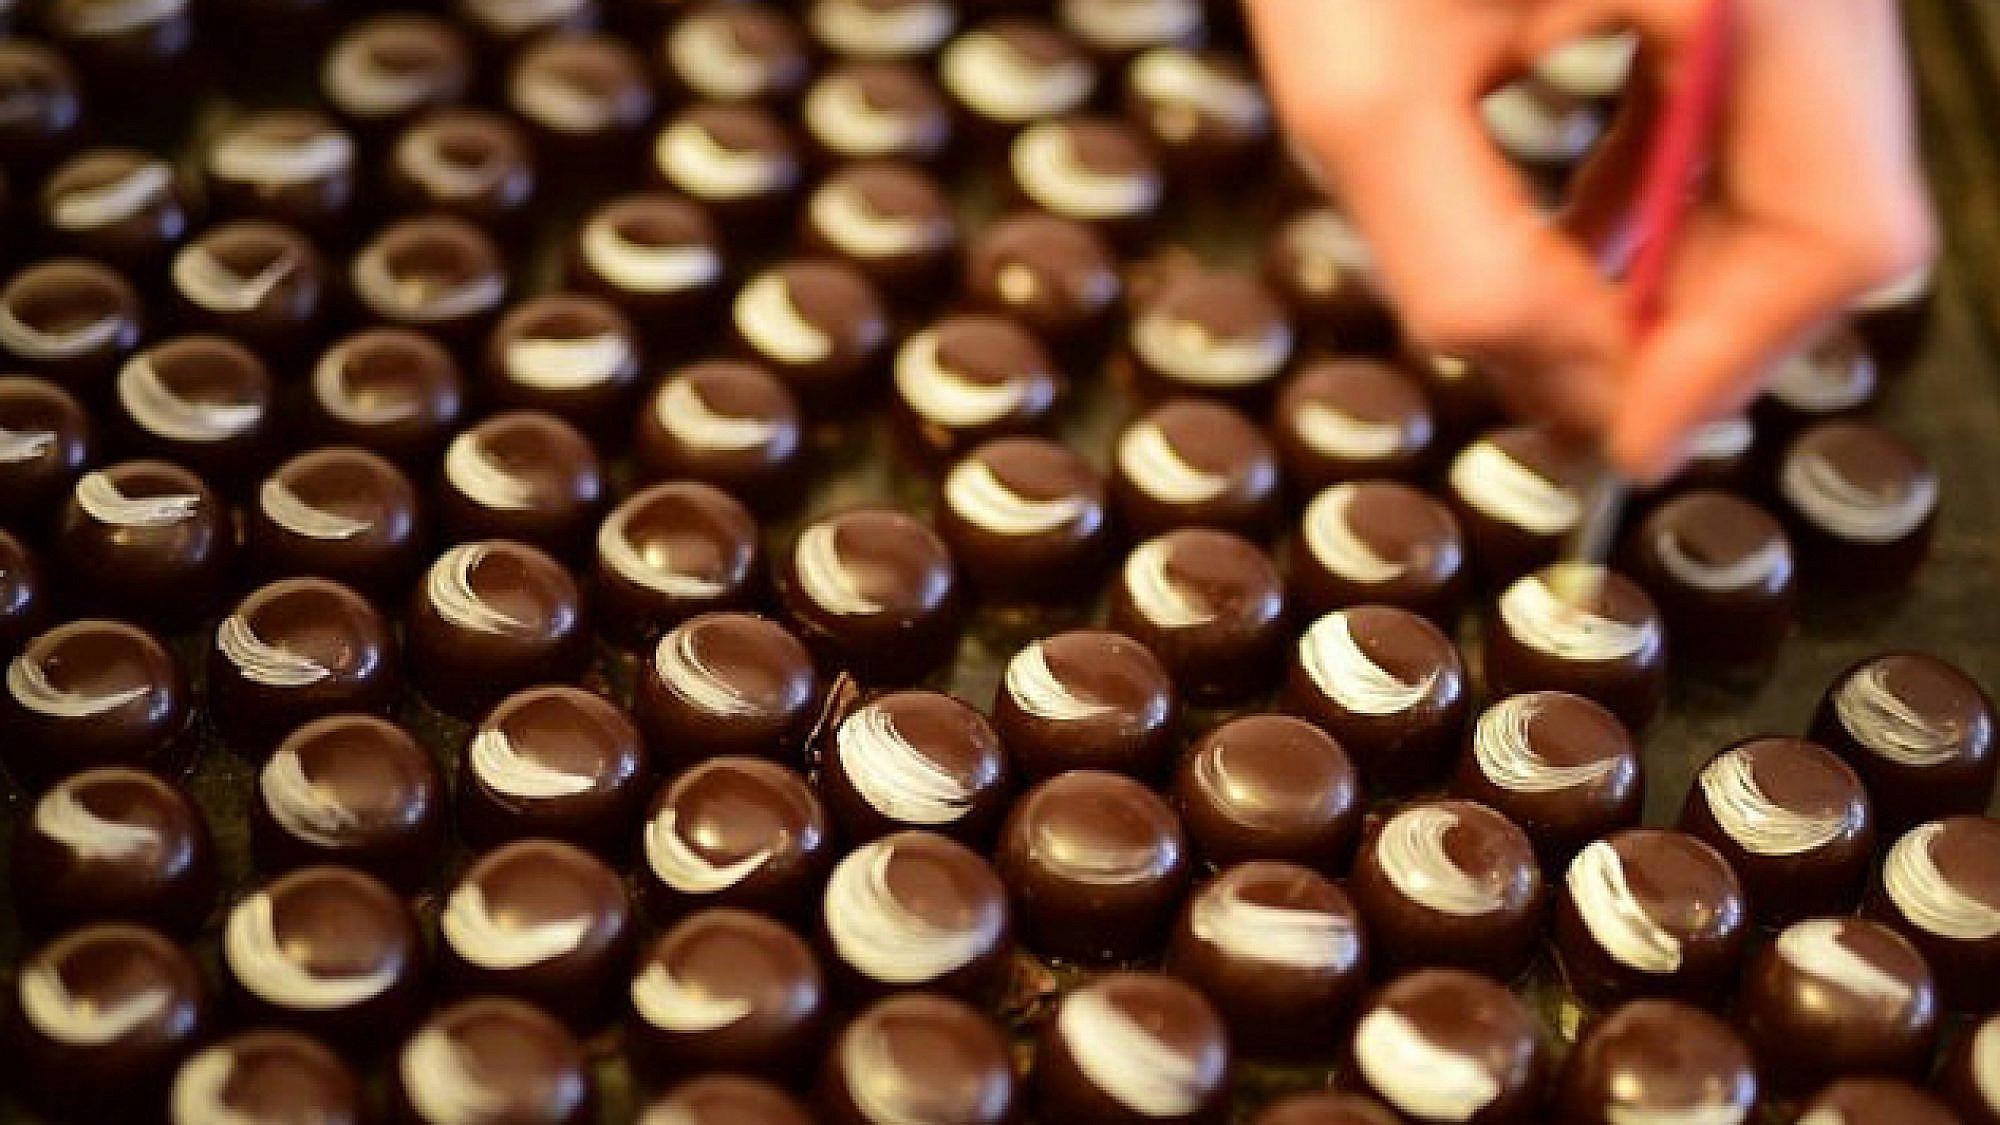 שוקולד של קרדינל. צילום: טלי טראב